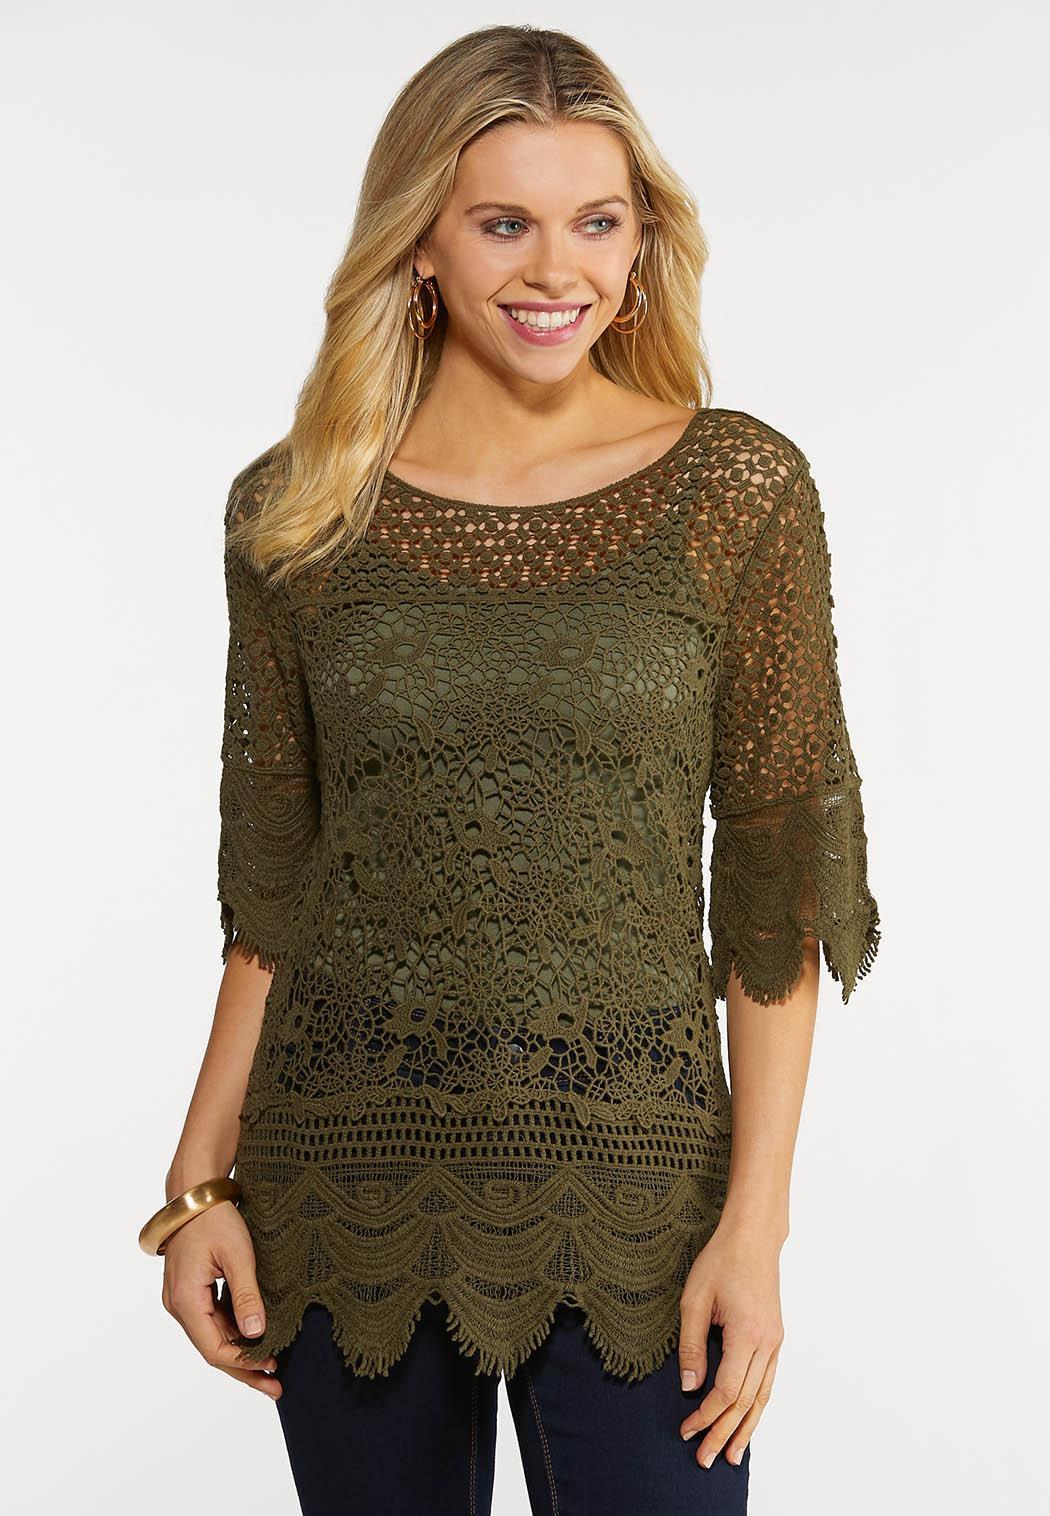 Olive Crochet Top